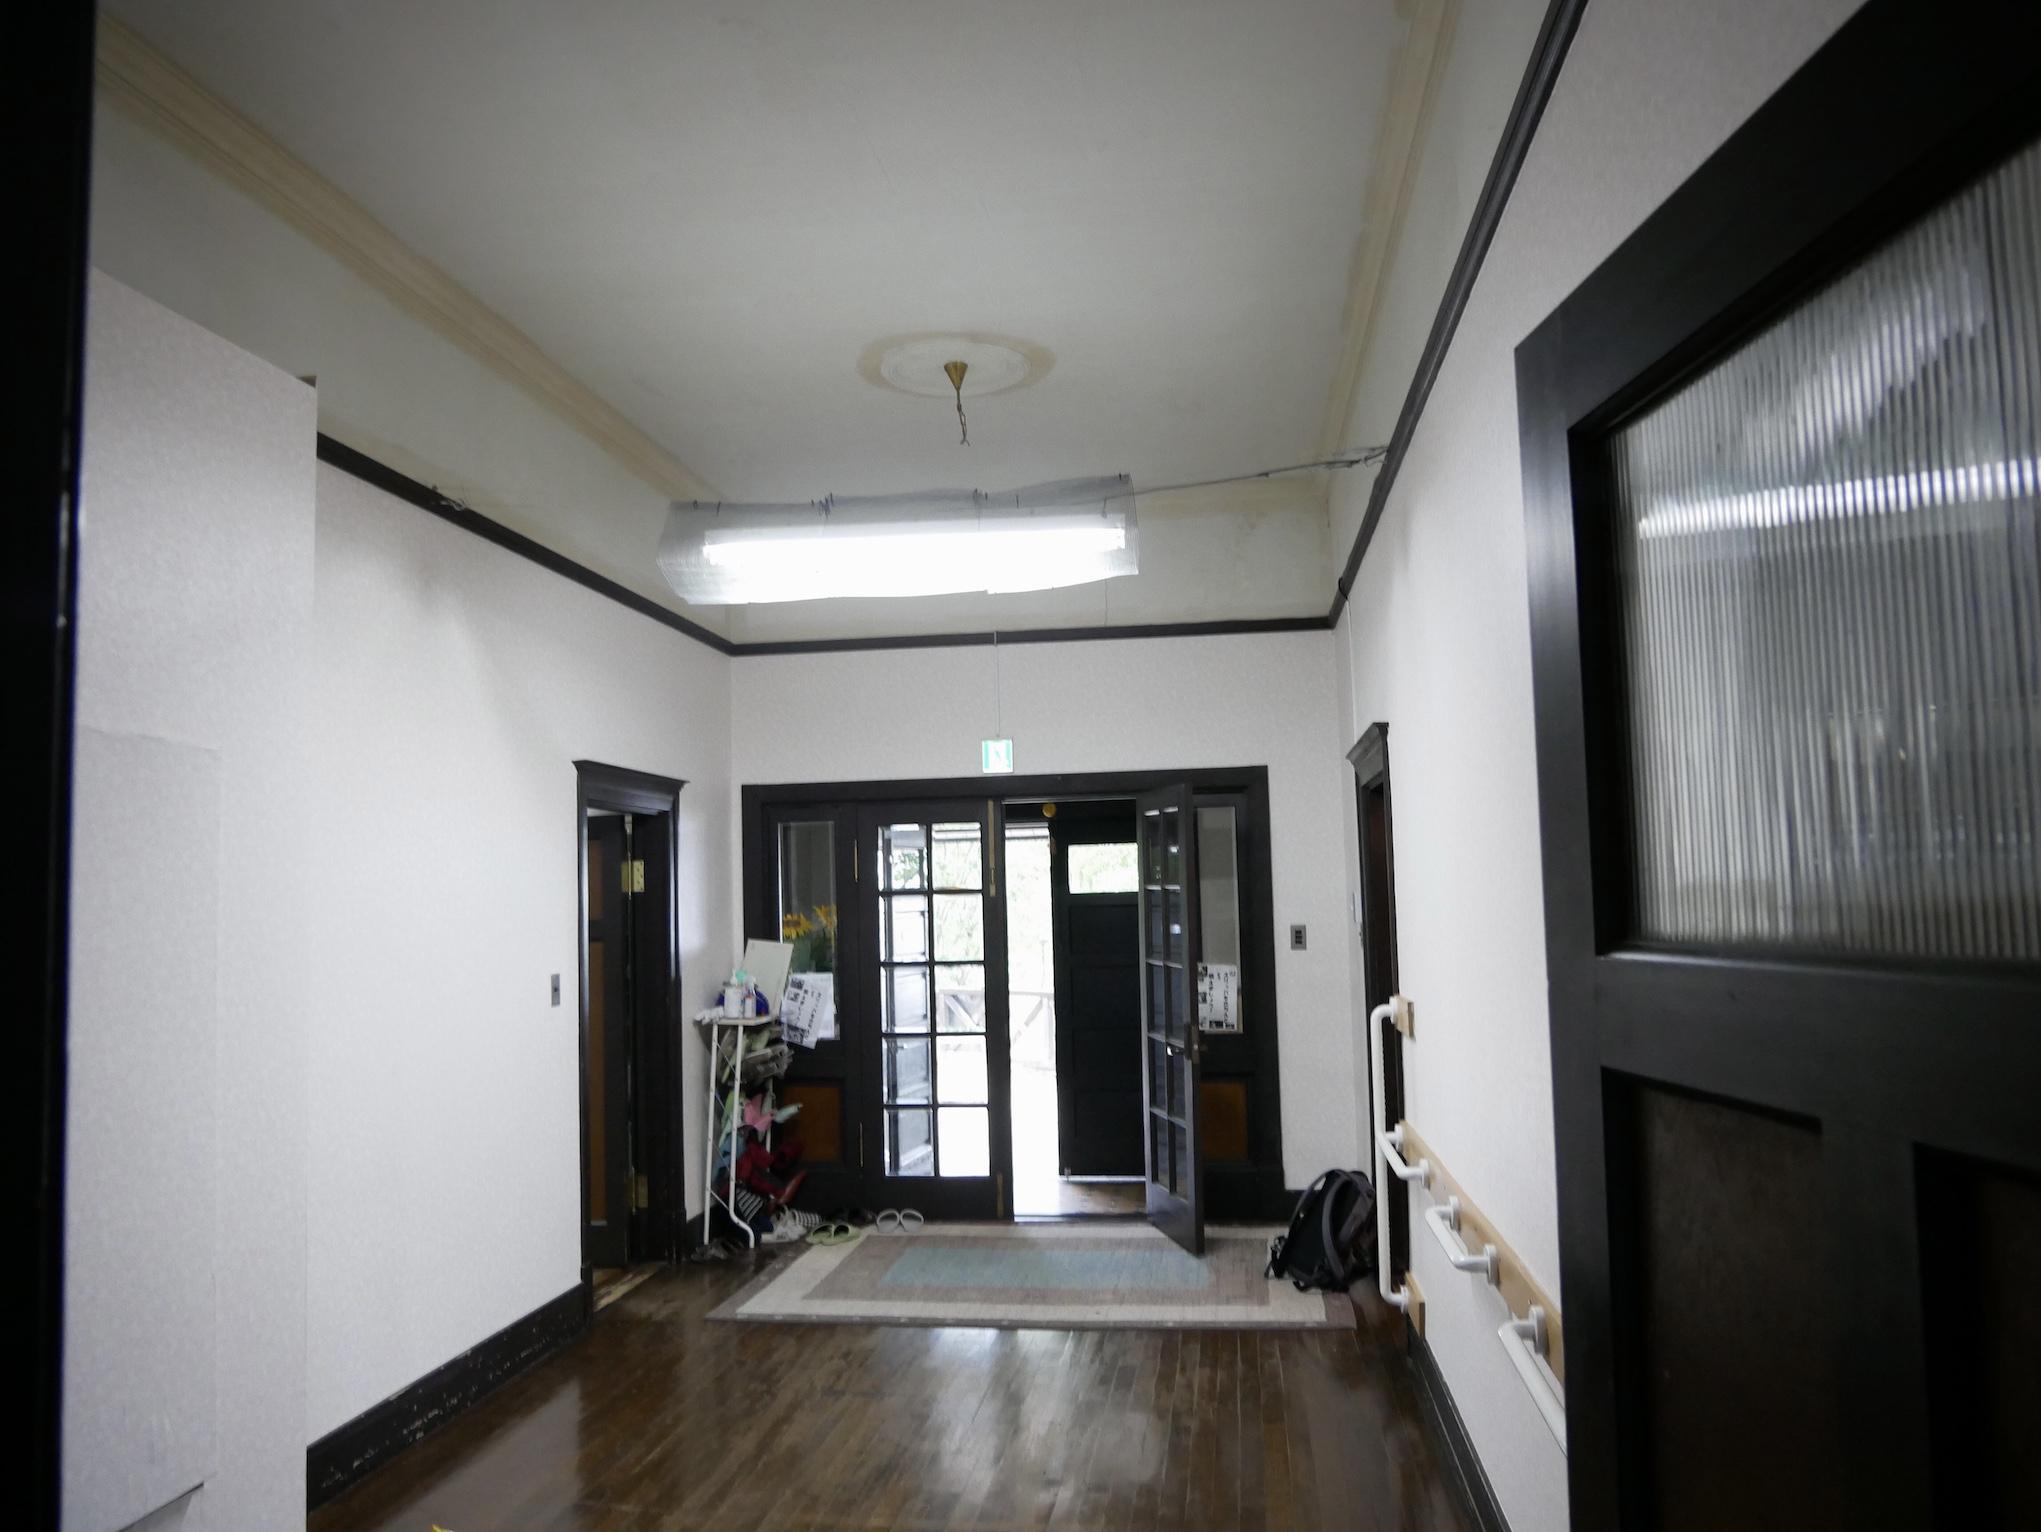 洋館1階の玄関と廊下